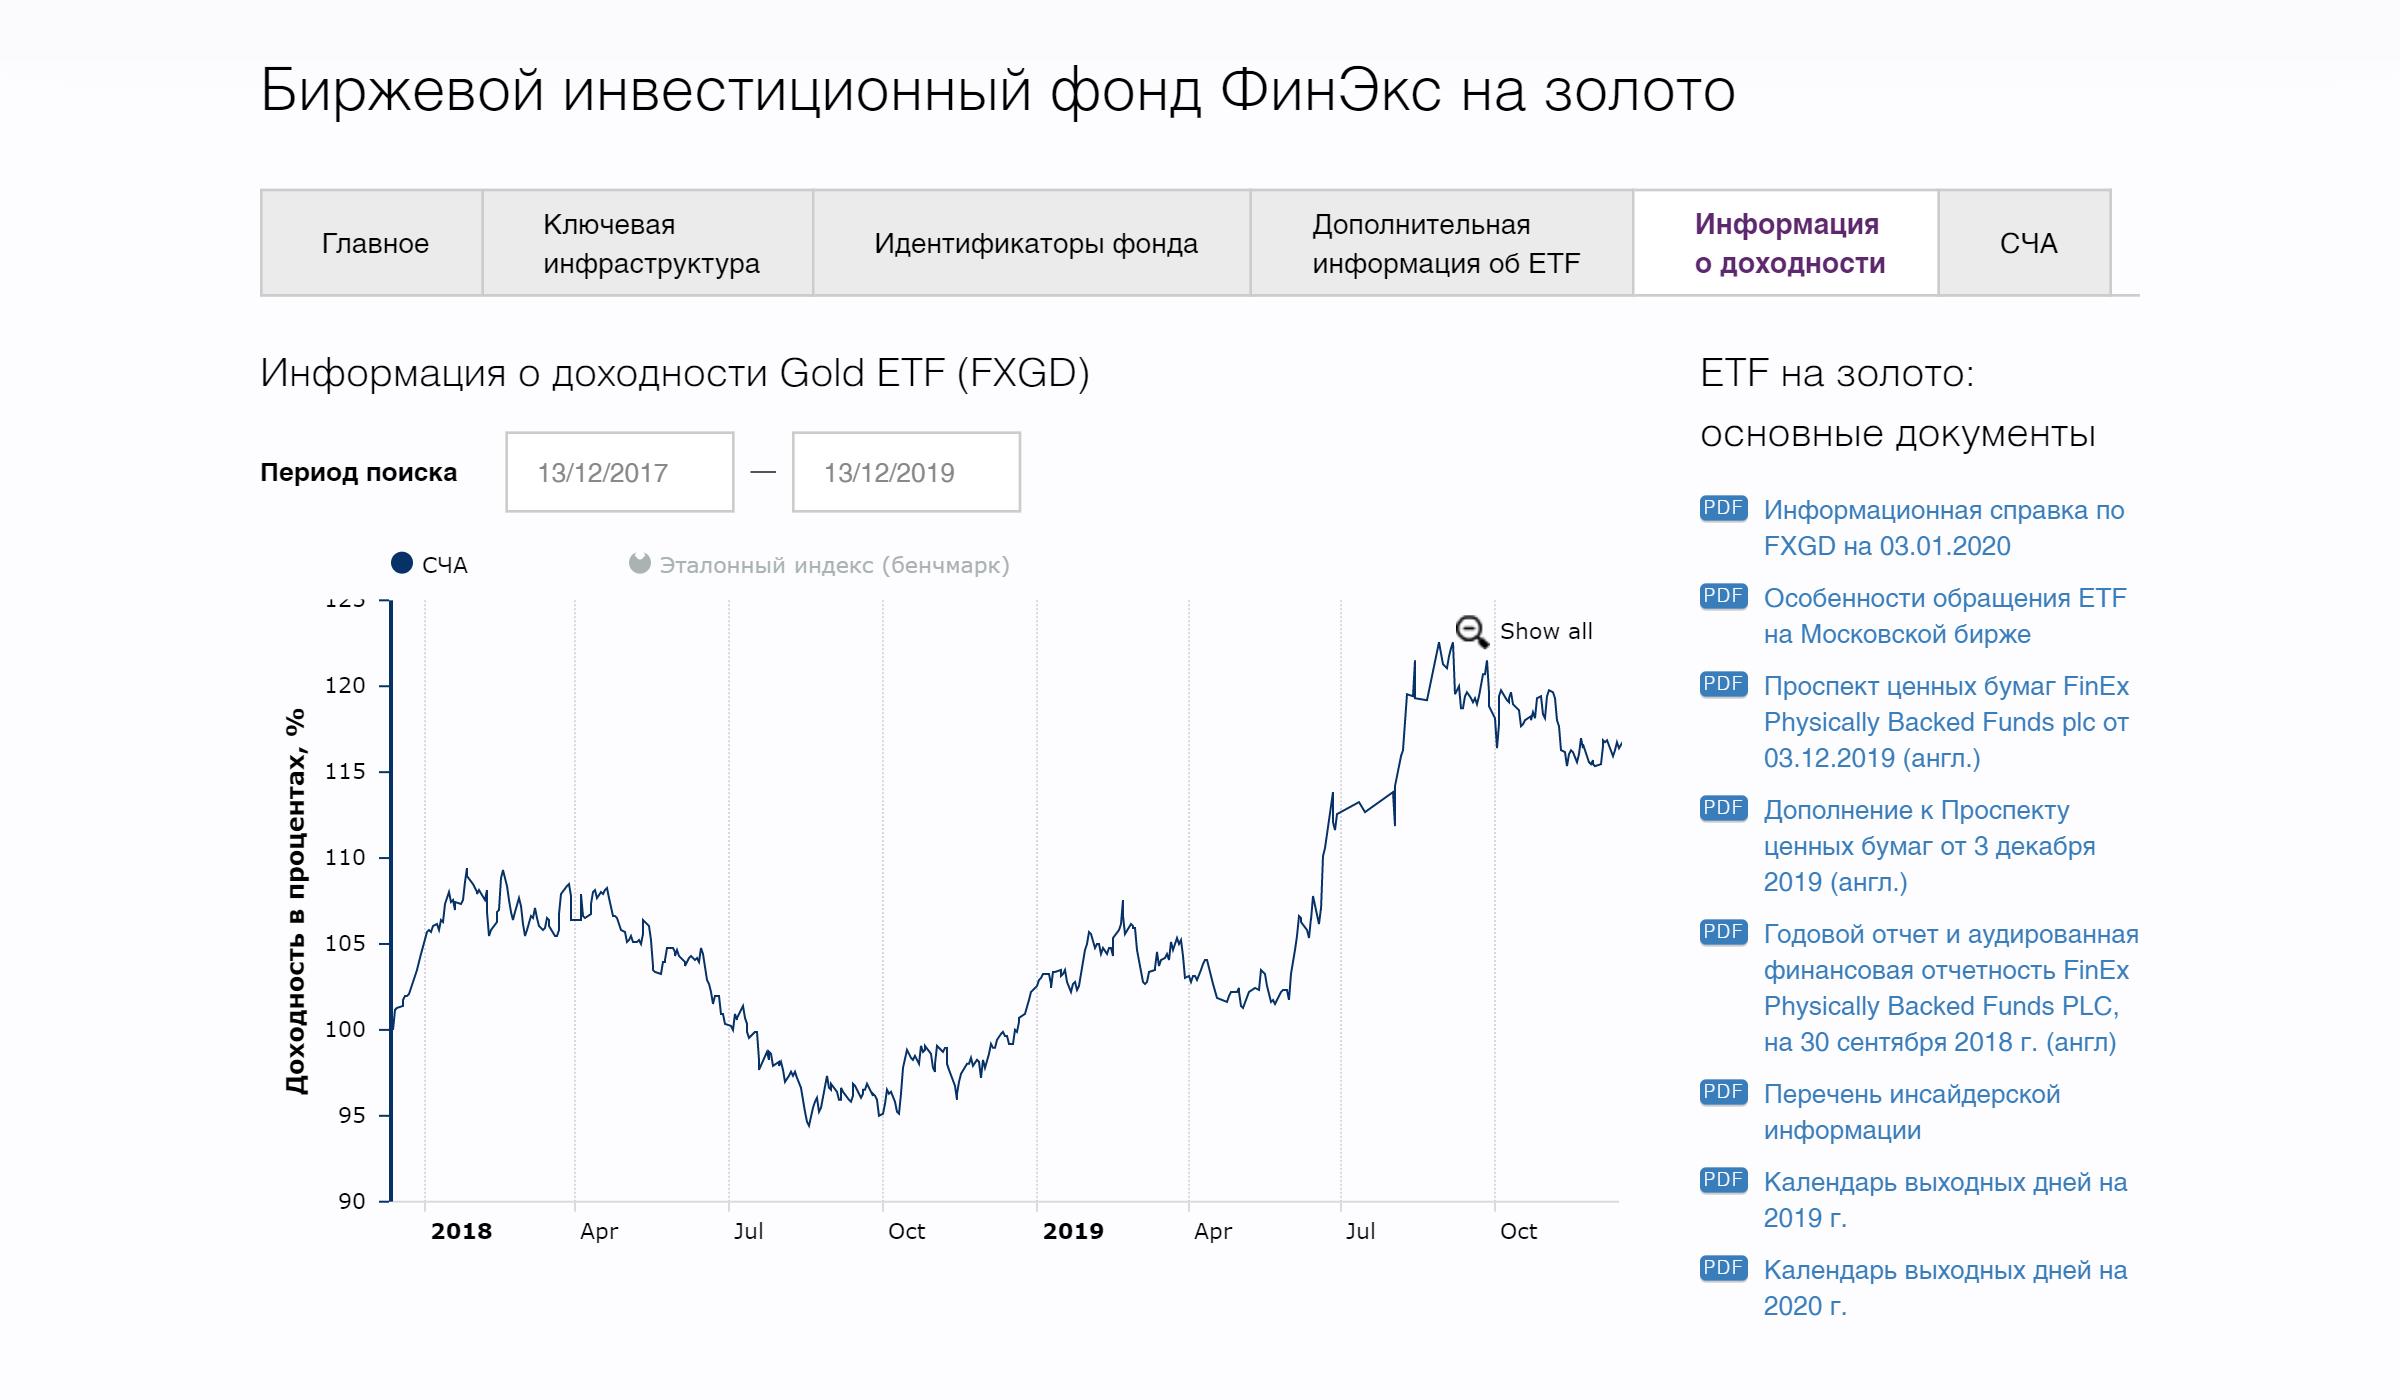 Данные о доходности фонда FXGD (золото) на сайте FinEx. За два года, с 13 декабря 2017 по 13 декабря 2019, акции FXGD выросли на 15,14% в долларах